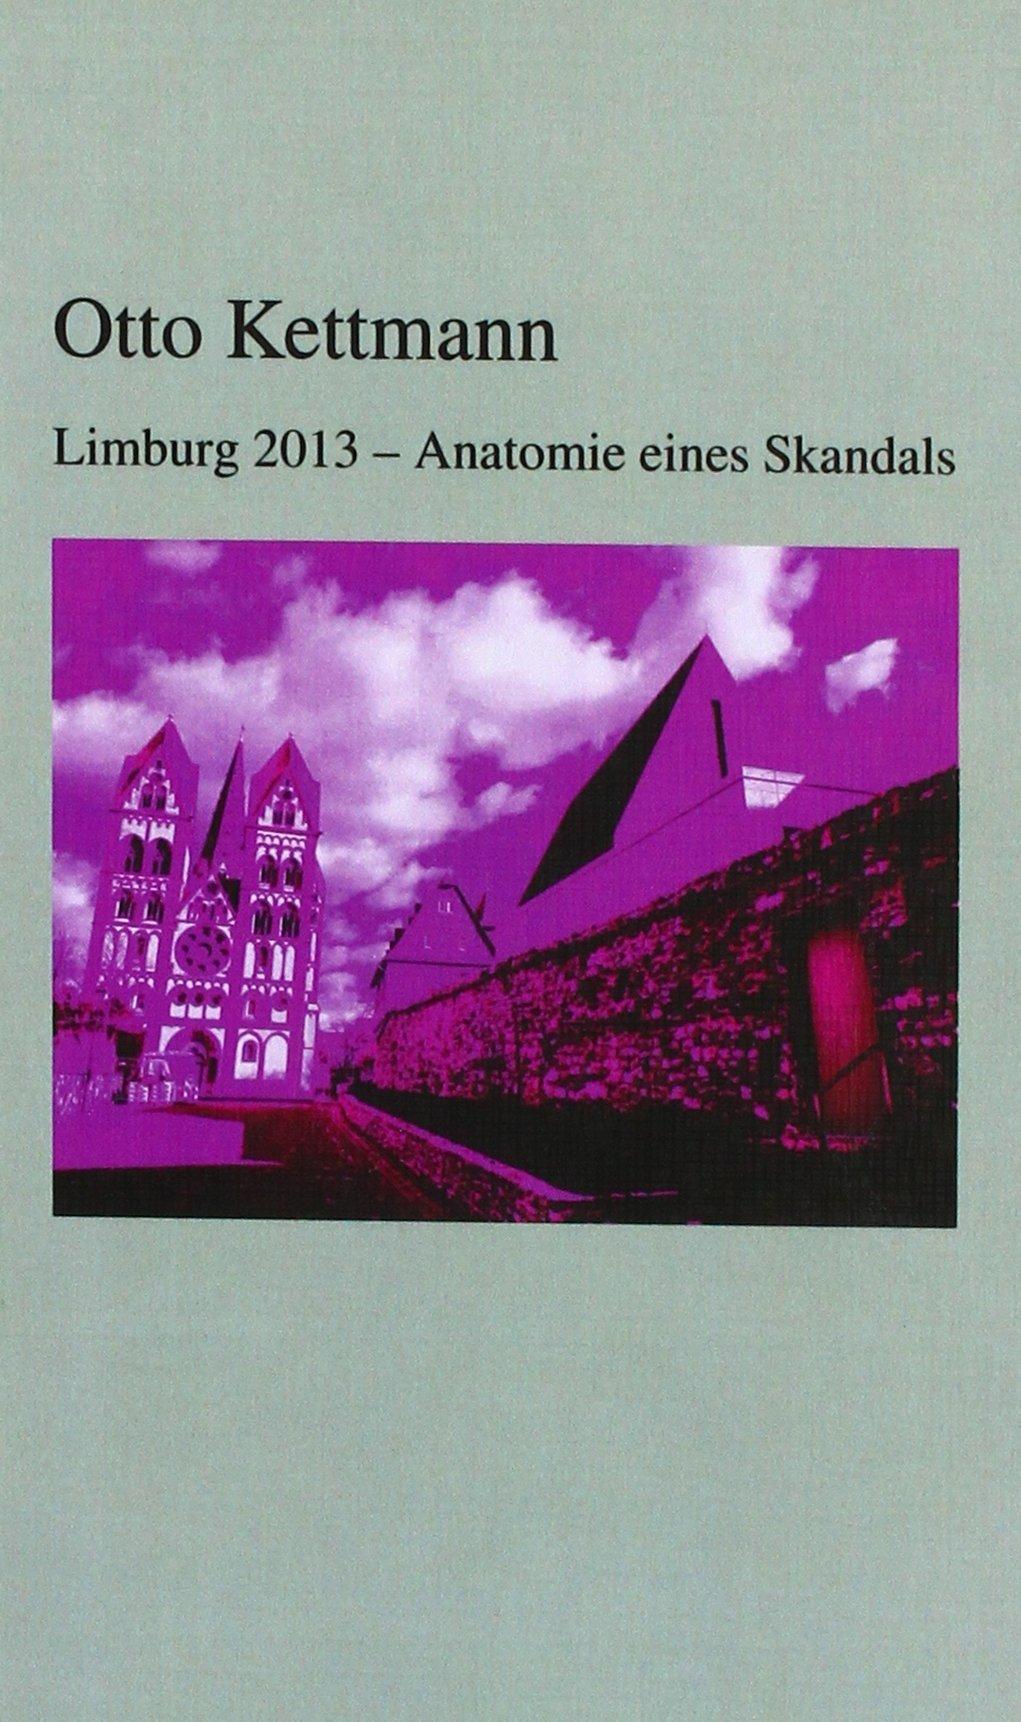 Limburg 2013 - Anatomie eines Skandals: Amazon.de: Otto Kettmann: Bücher